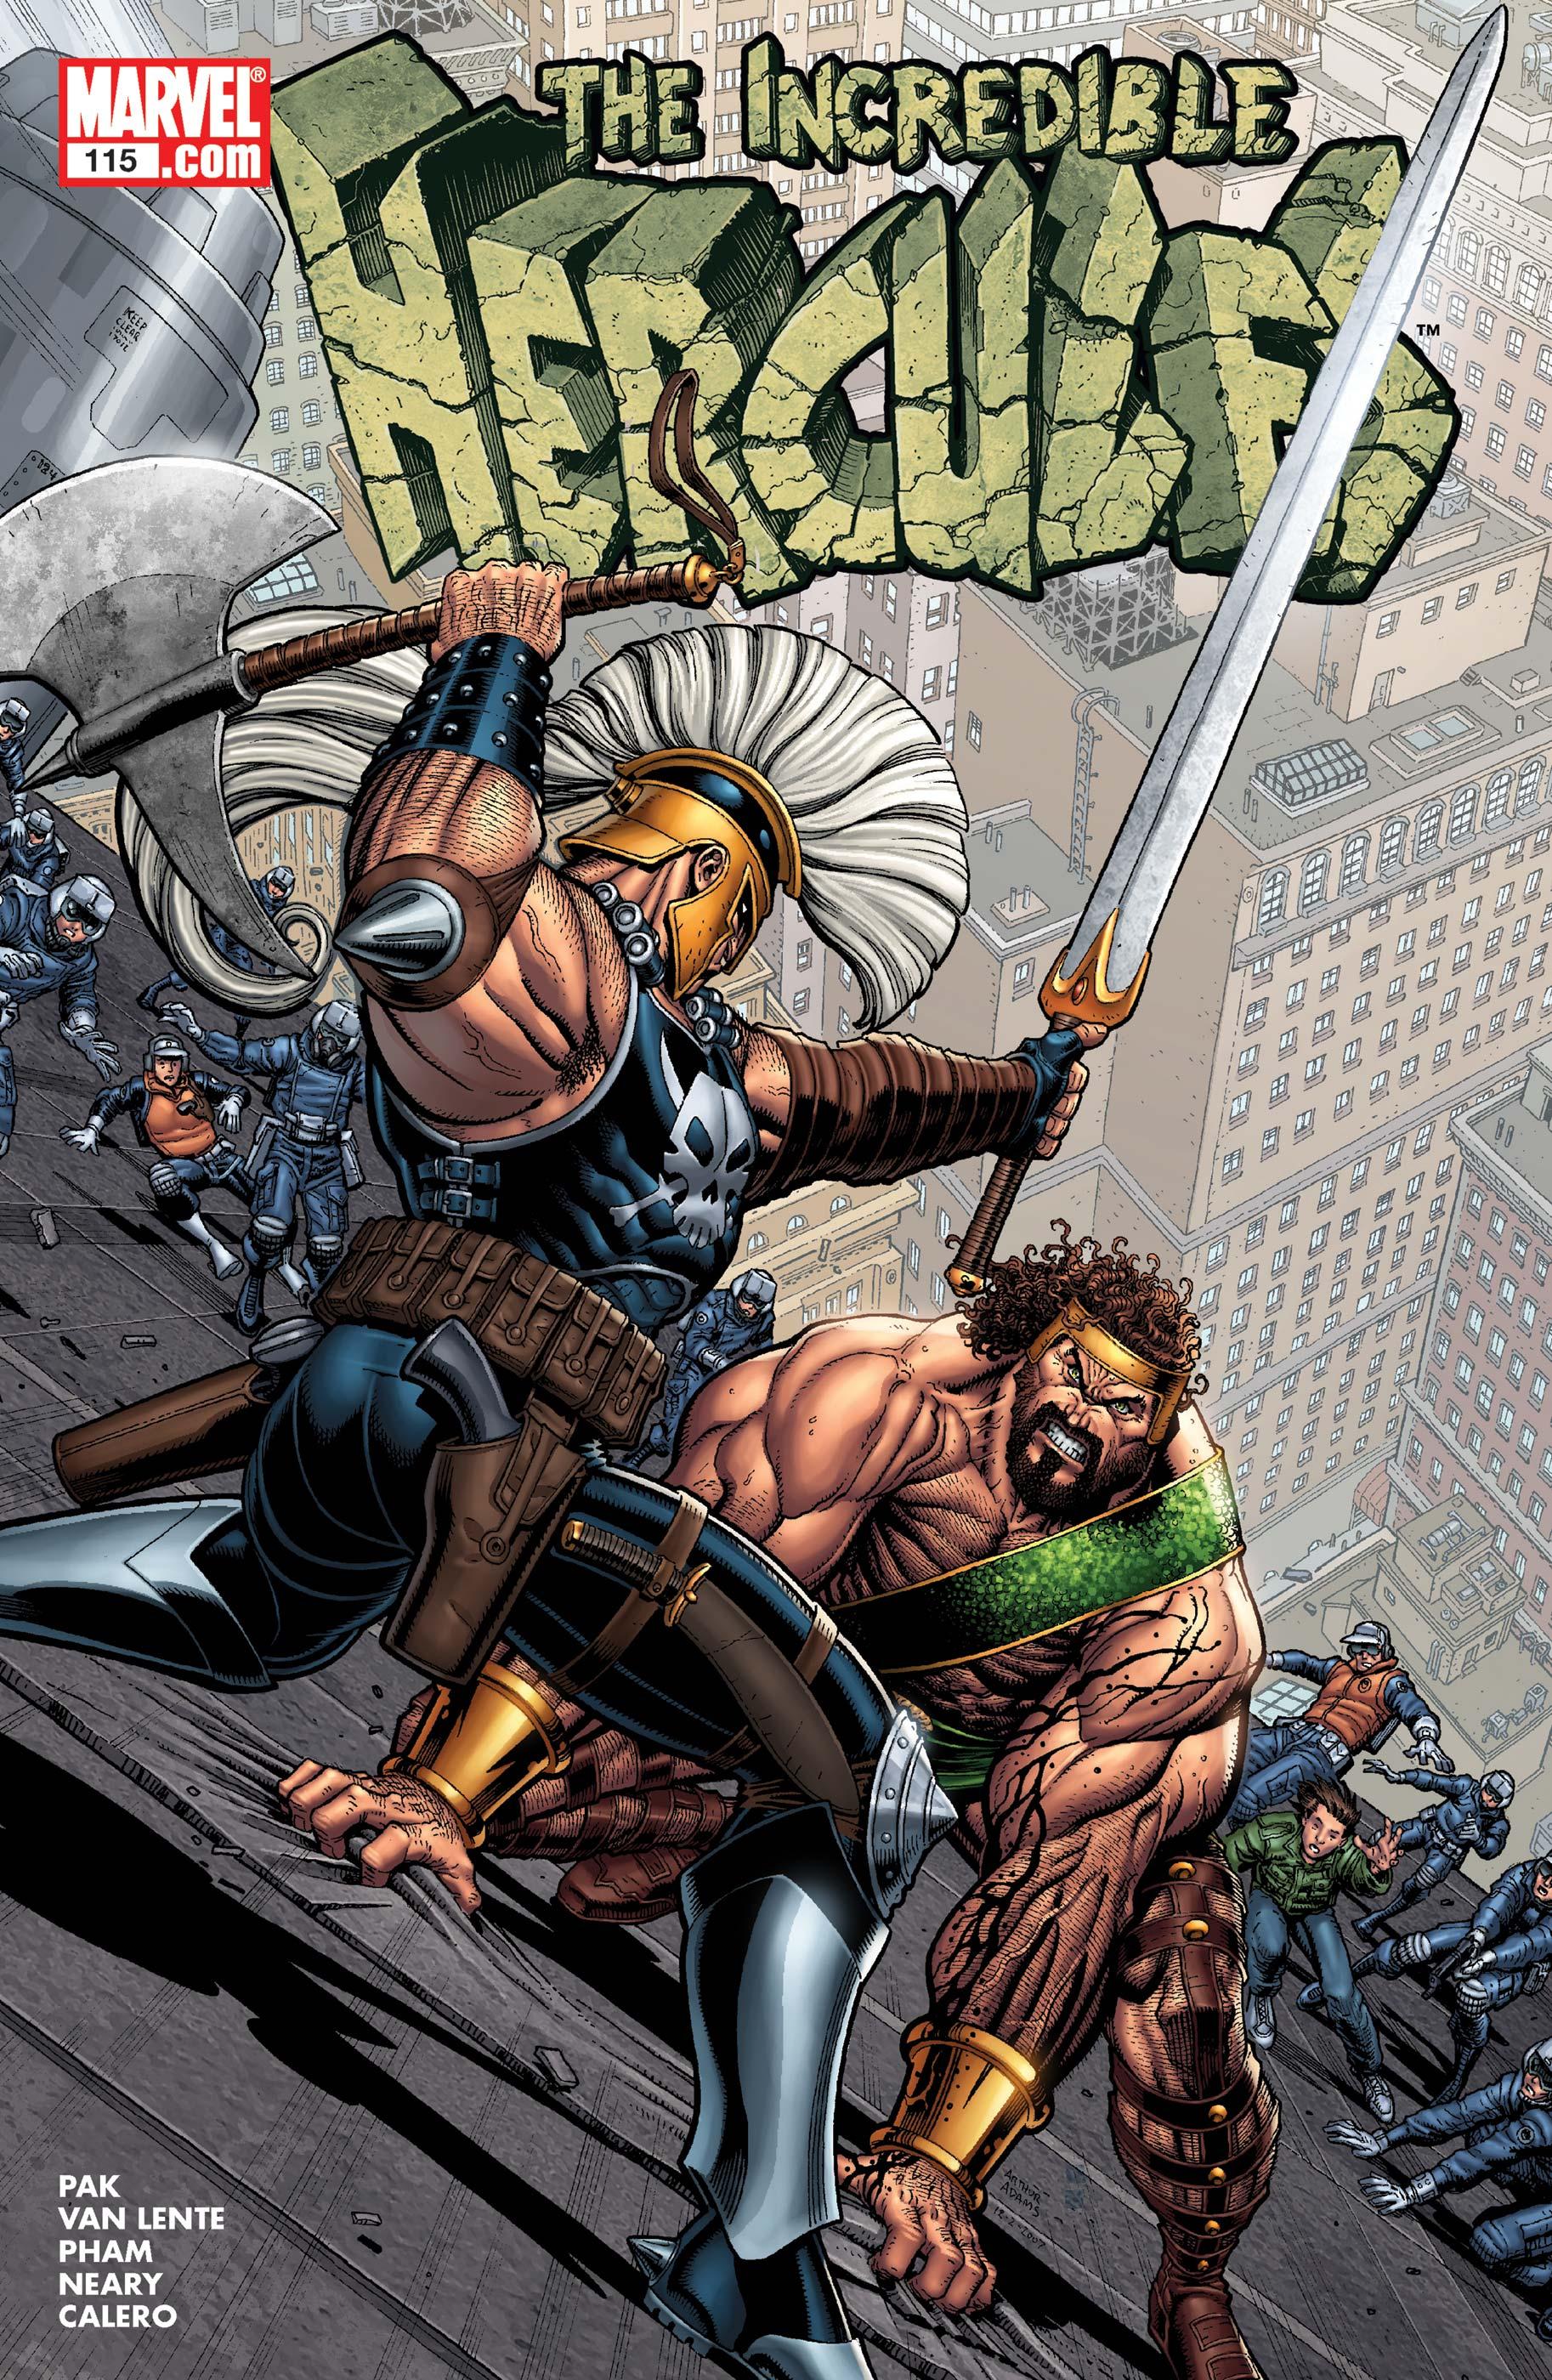 Incredible Hercules (2008) #115